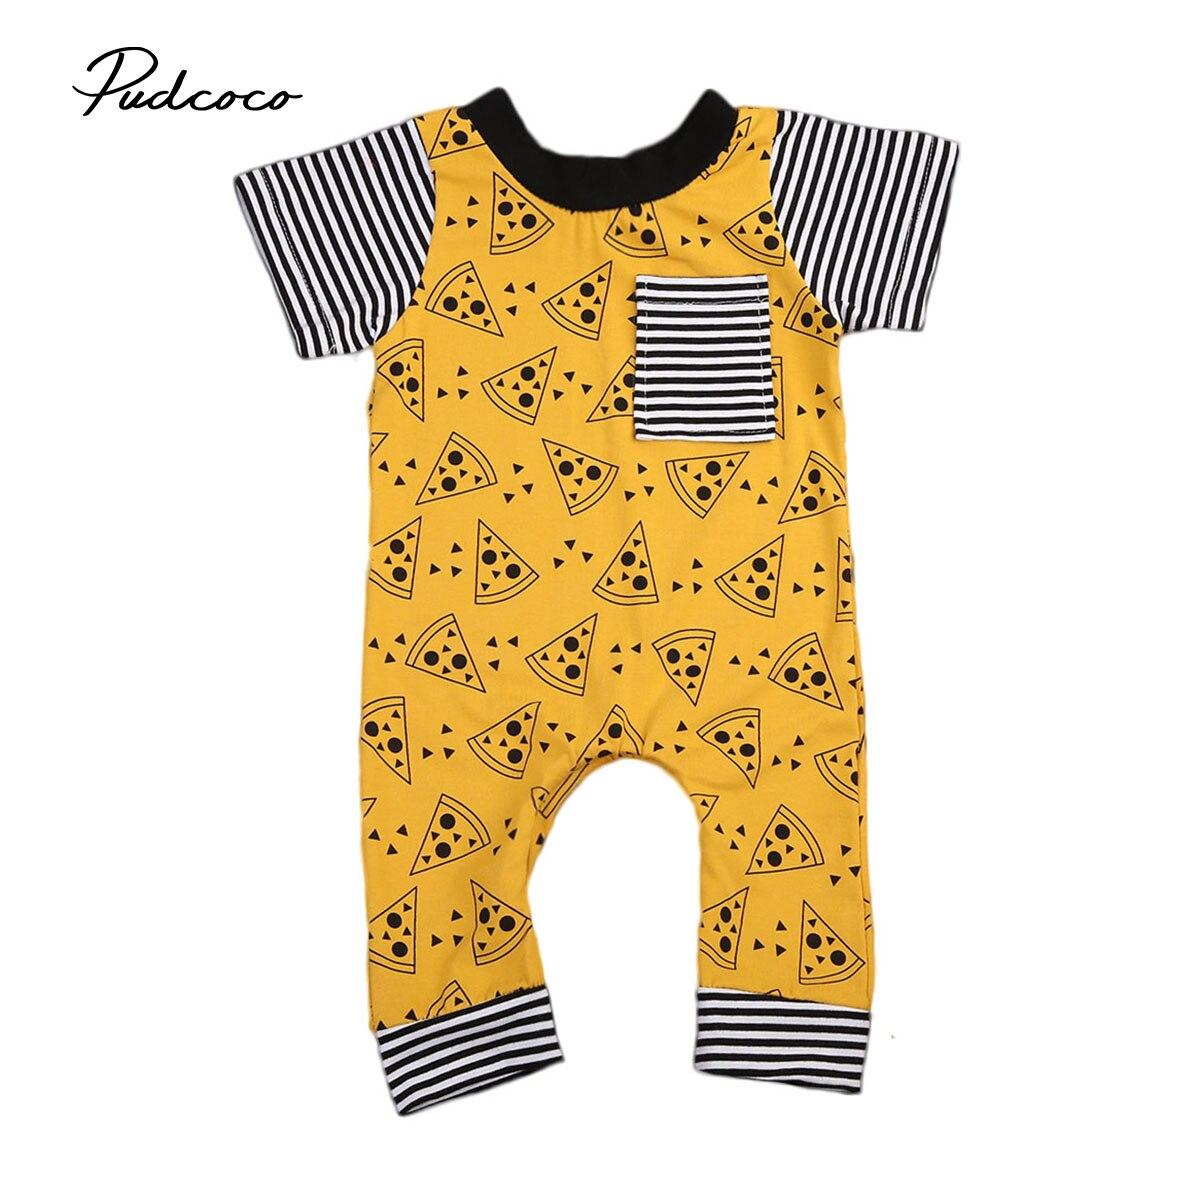 Pudcoco US Stock bebé bonitas galletas ropa recién nacido a rayas de una pieza Romper niño niña conjuntos de mangas cortas ropa 0-24M